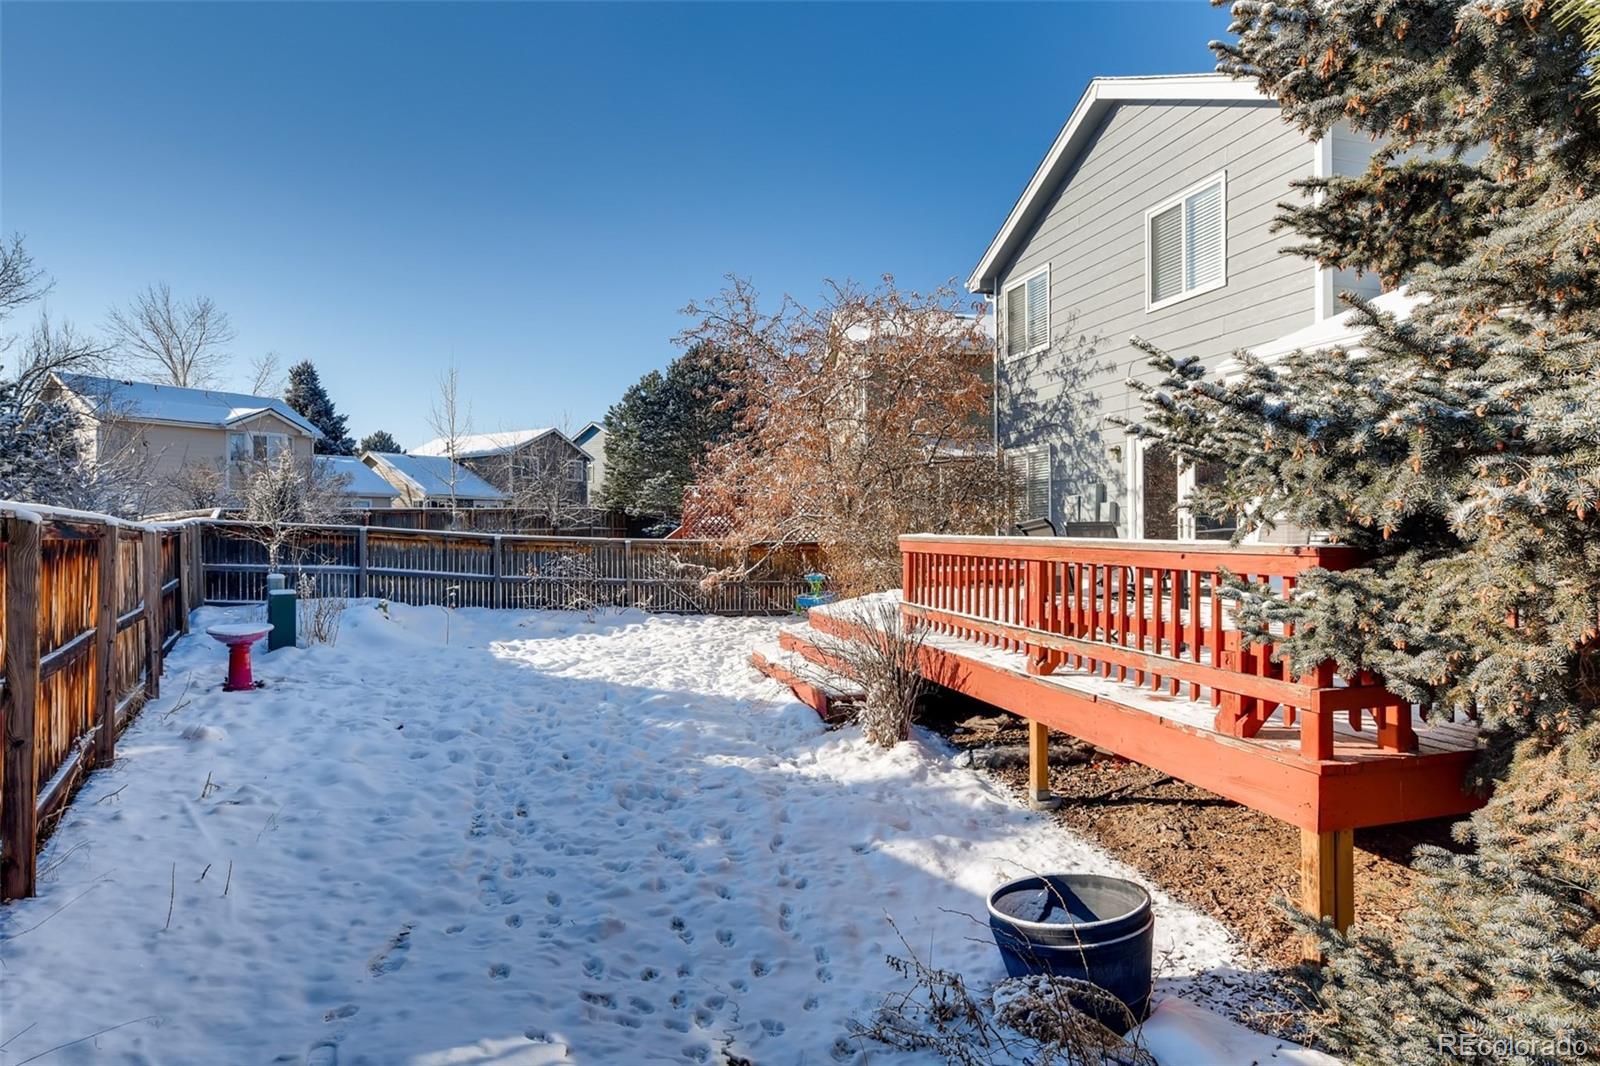 MLS# 5239664 - 23 - 9984 Deer Creek Court, Highlands Ranch, CO 80129